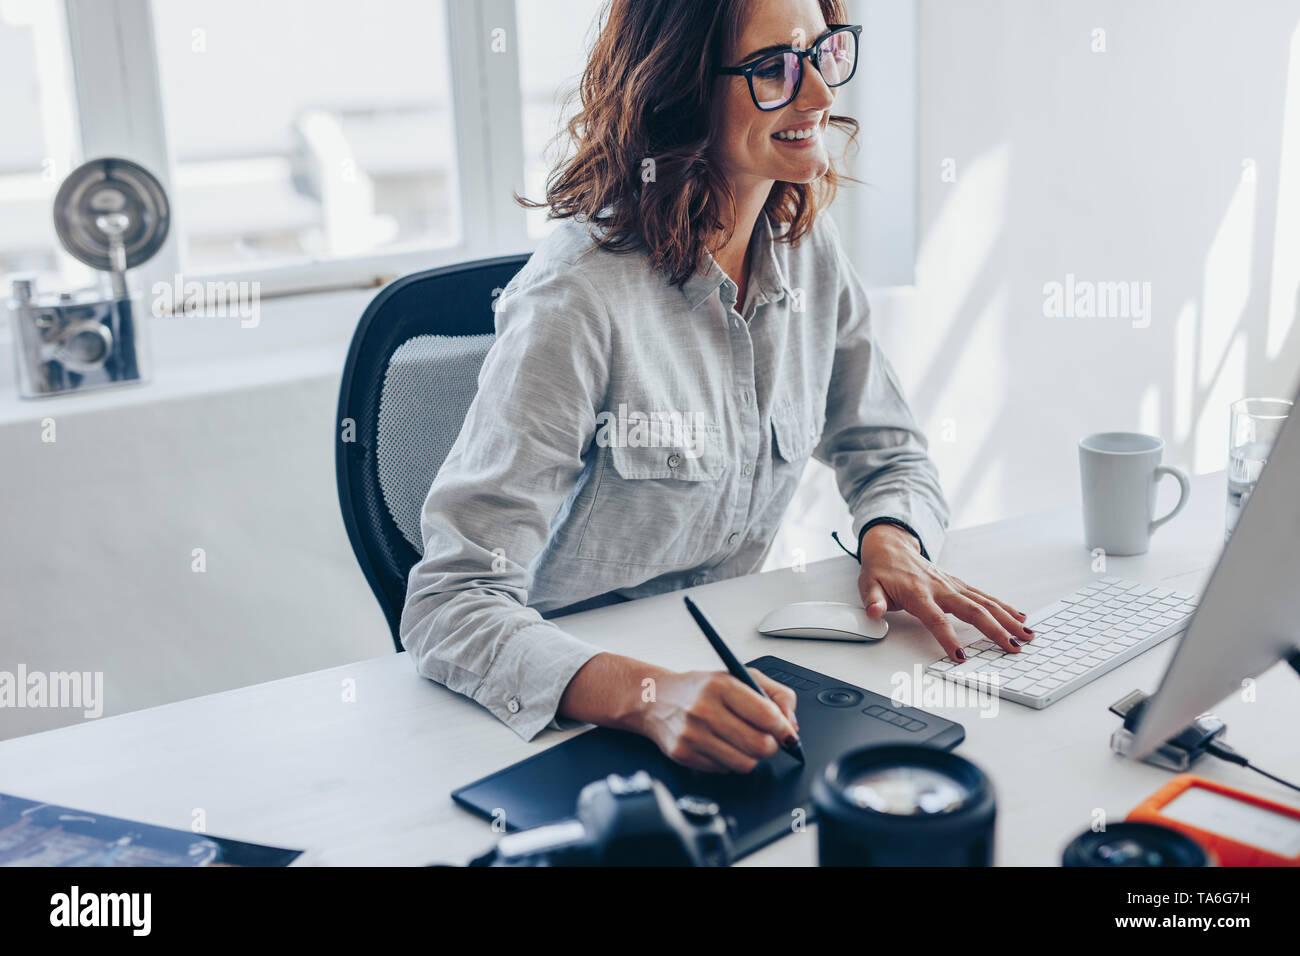 Jeune femme photographe travaillant sur ordinateur à l'aide de feuille de travail au bureau. Young caucasian woman using digital tablet graphique et de dessin à la plume Banque D'Images